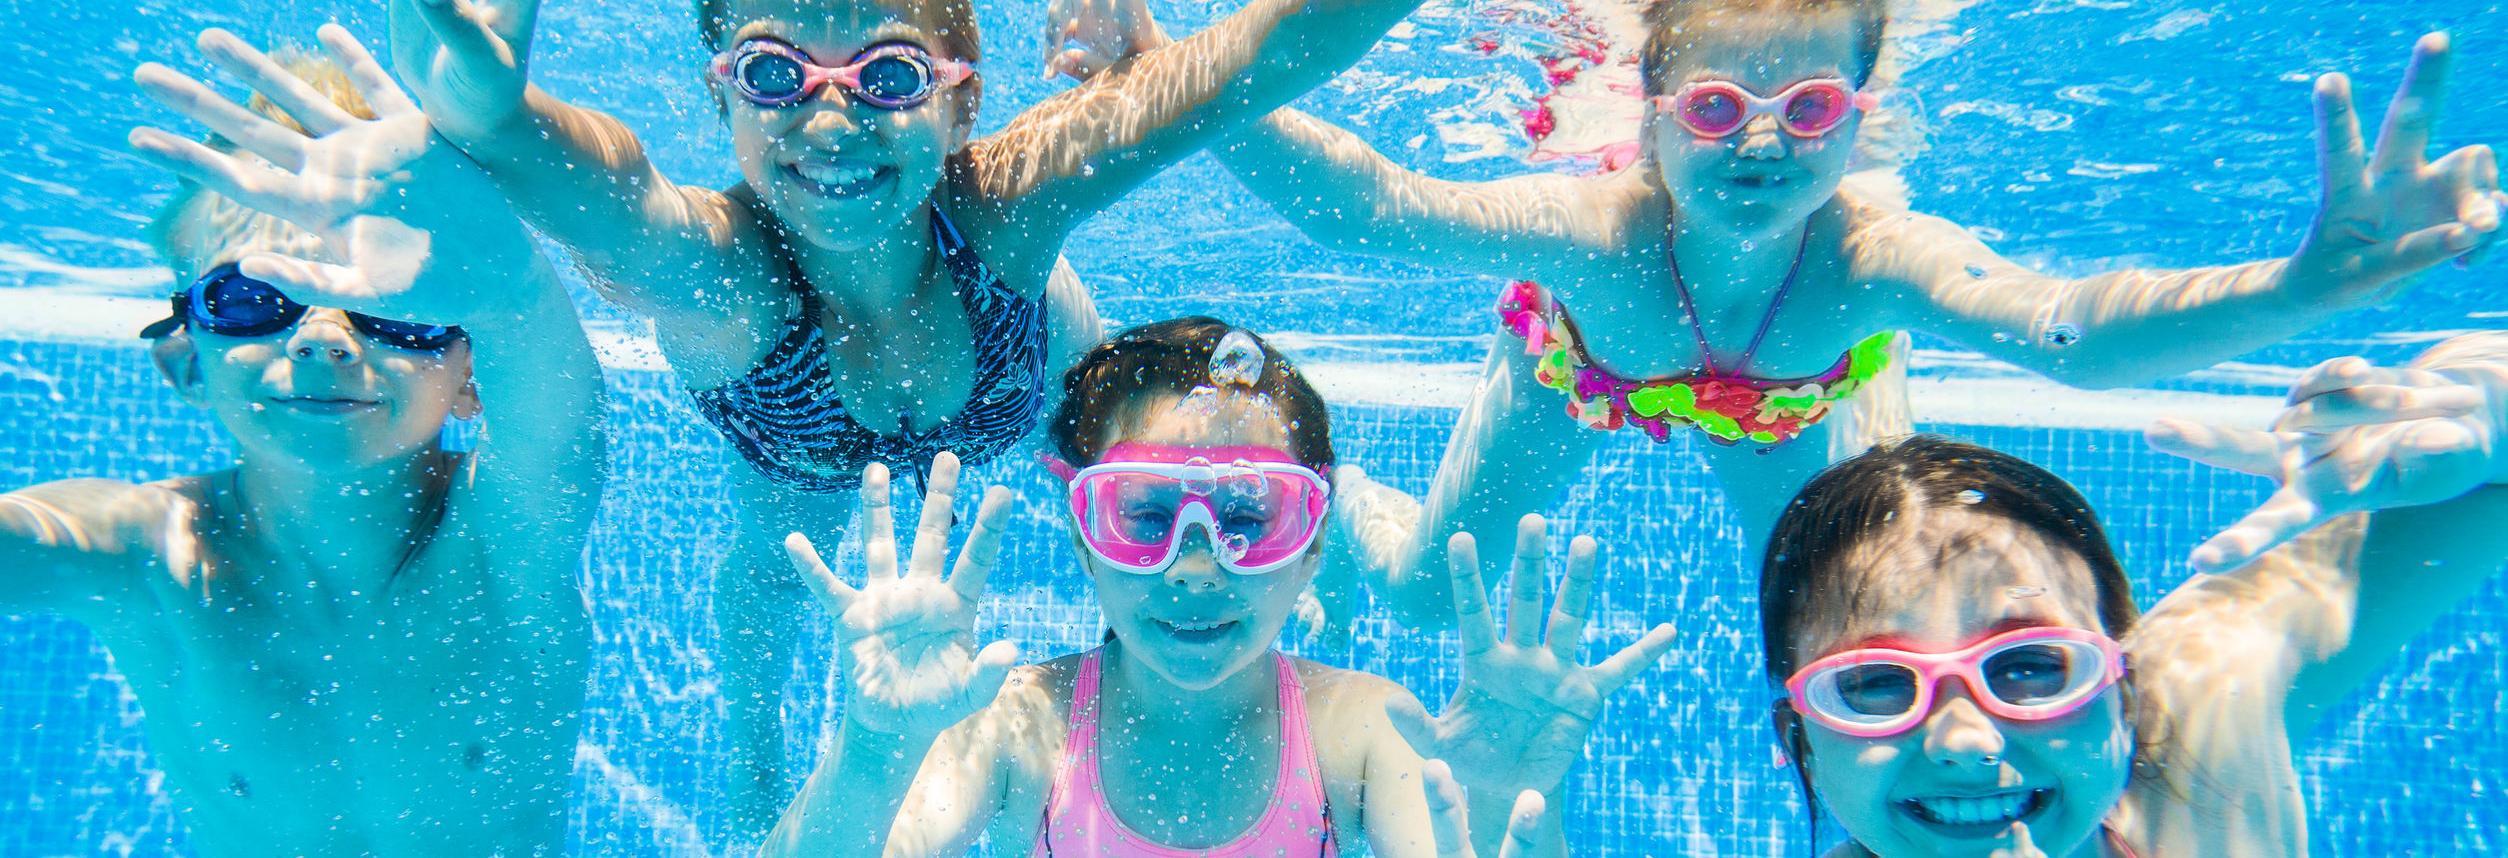 Banducci & Son Swimming Pools banner Long Island, NY